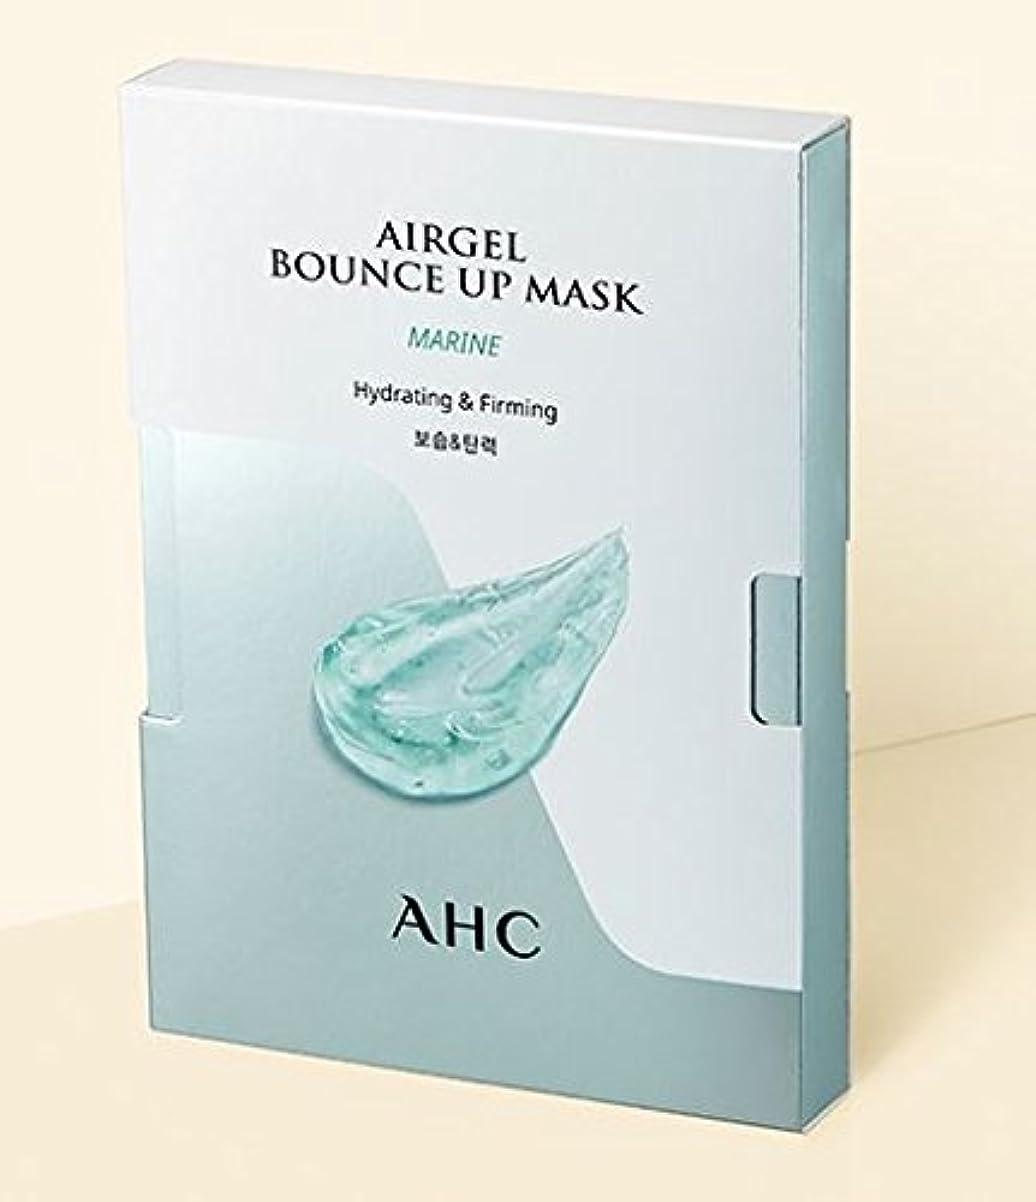 召喚する皿瀬戸際[A.H.C] Airgel Bounce Up Mask MARINE (Hydrating&Firming)30g*5sheet/マリンエアゲルマスク30g*5枚 [並行輸入品]